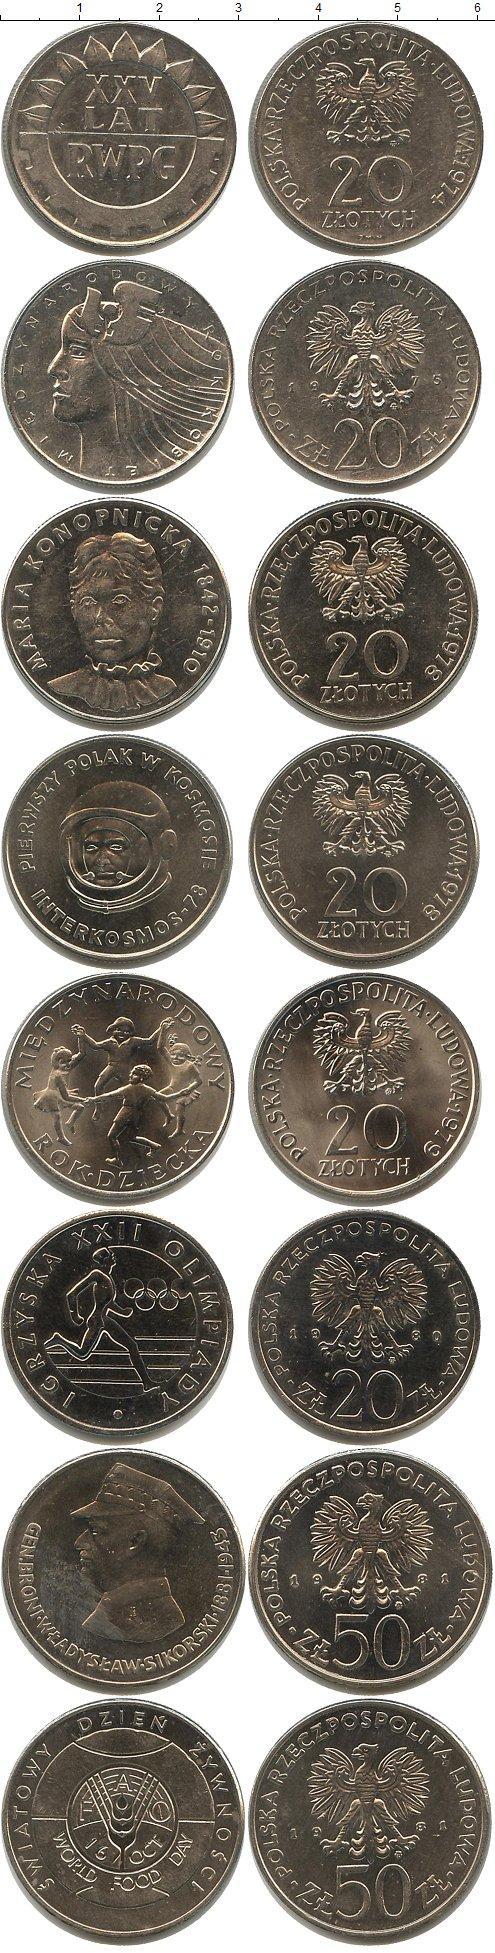 Каталог монет - Польша Польша 1974-1981